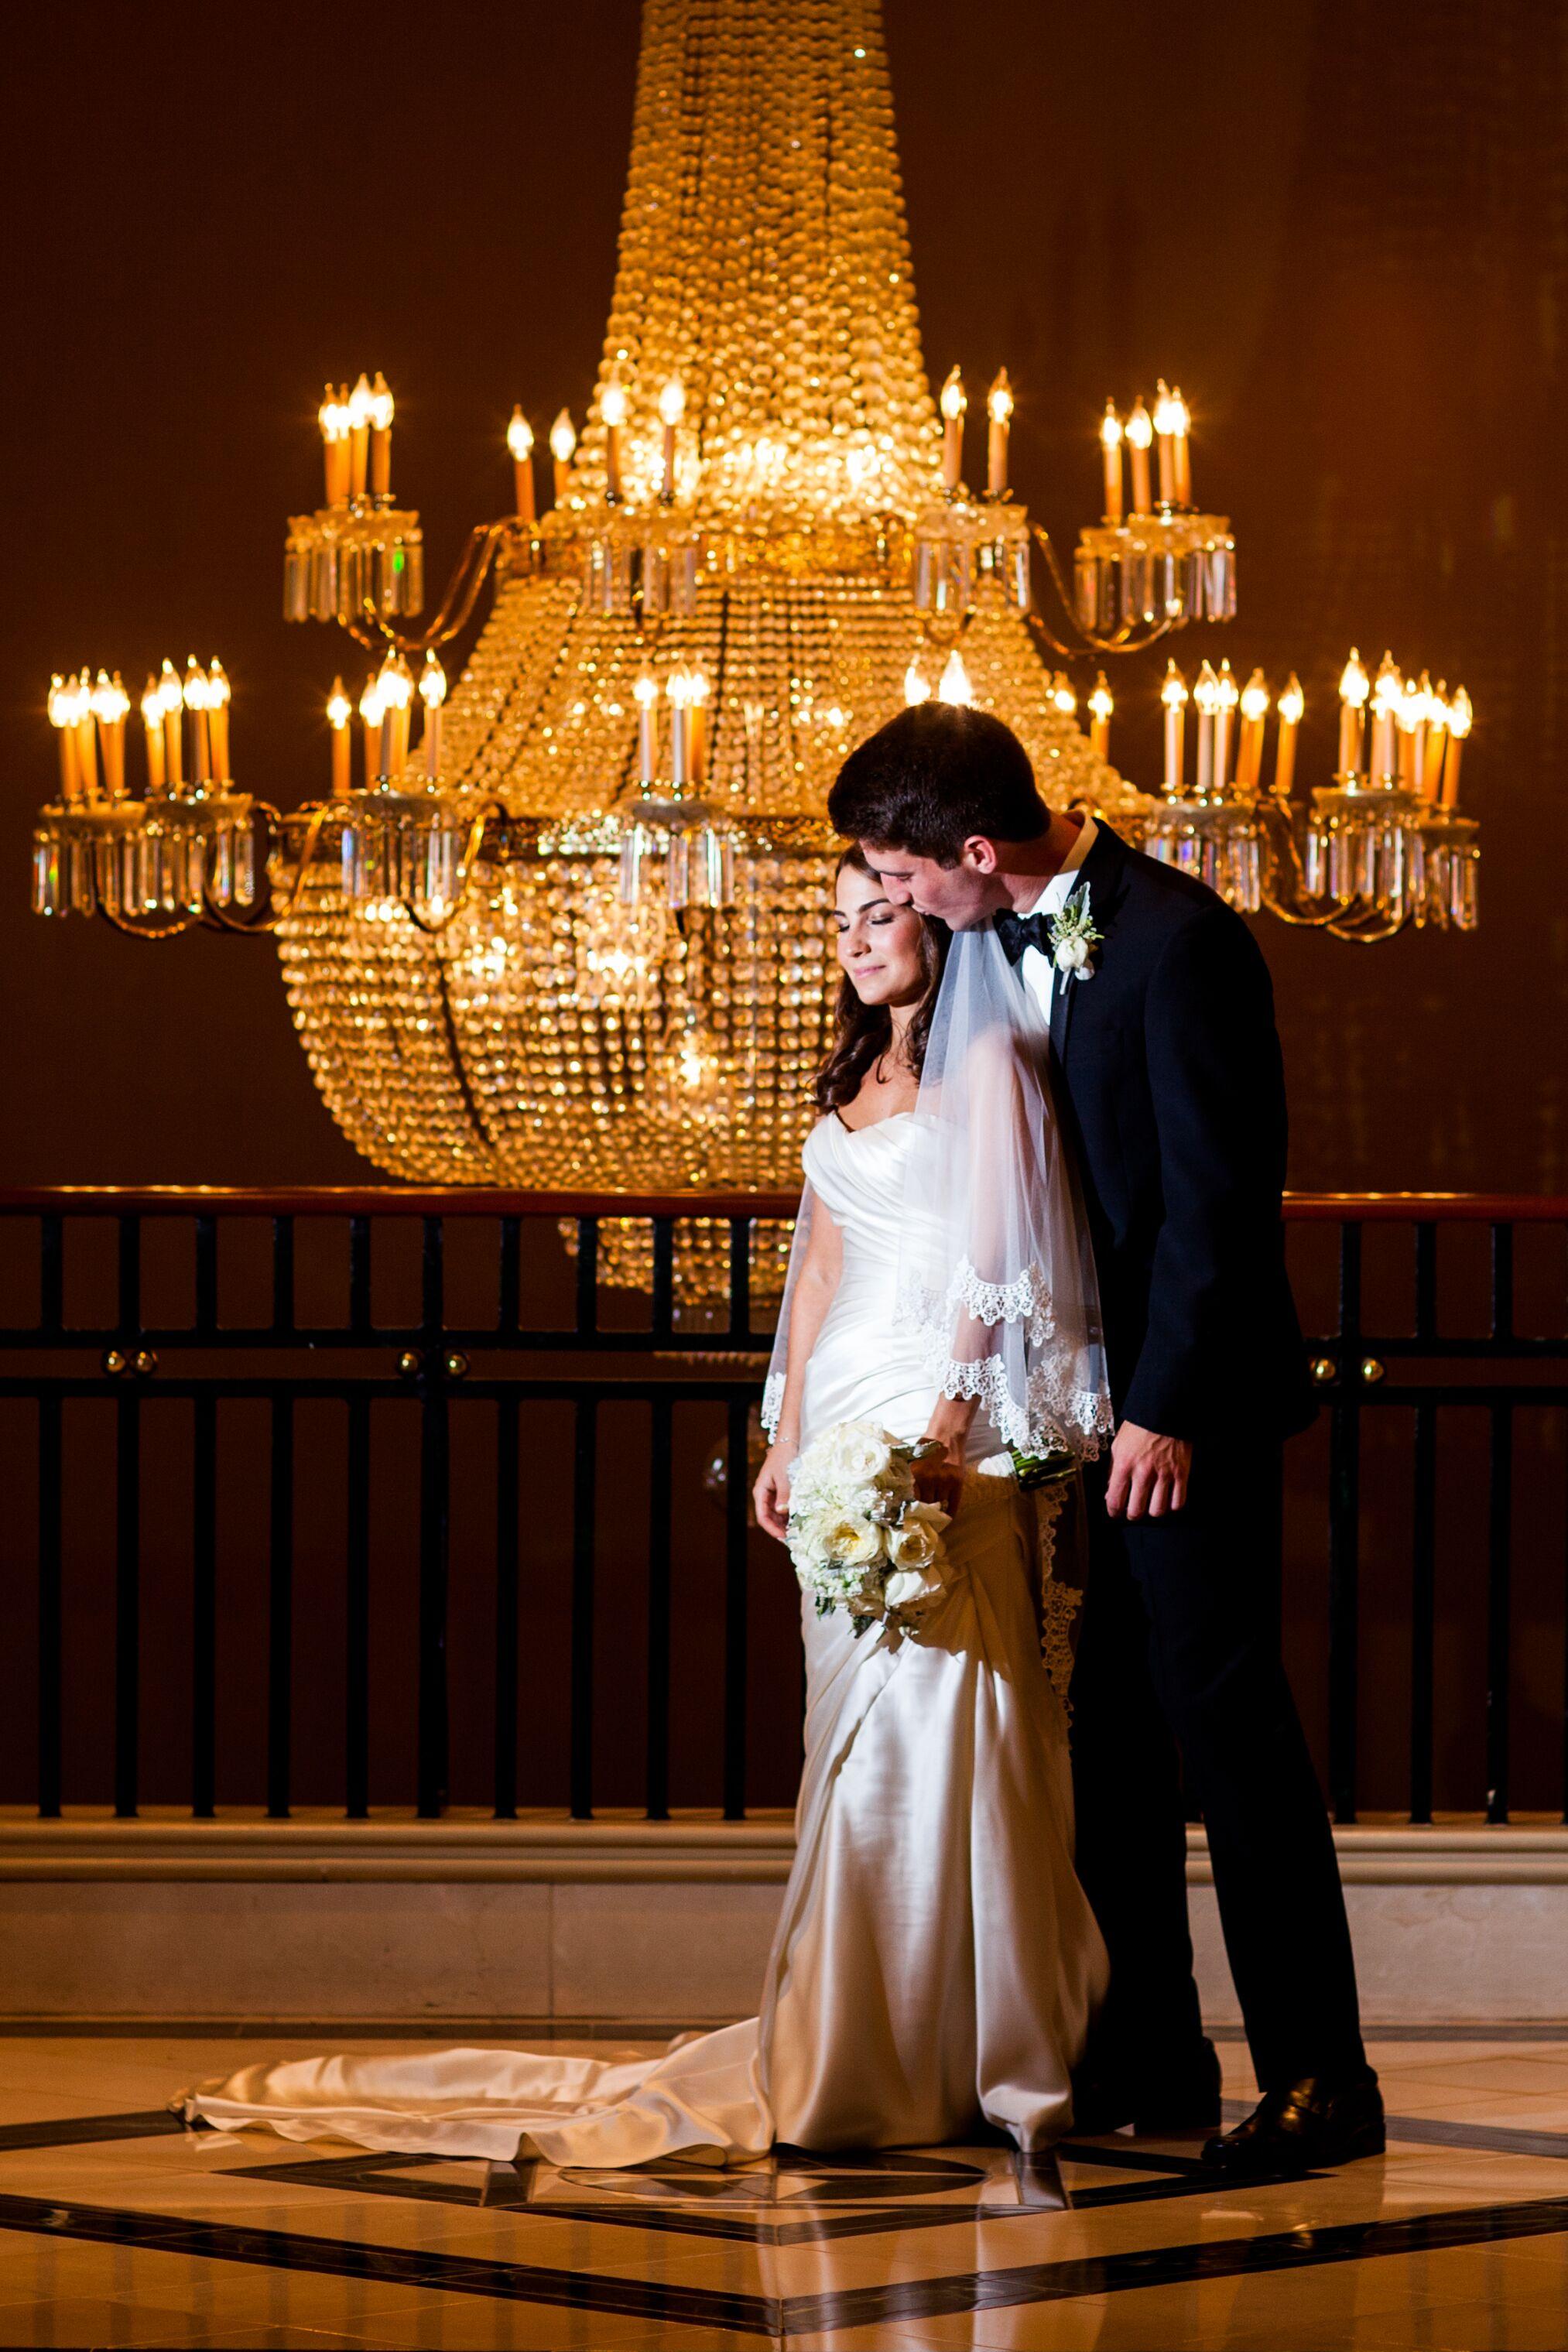 A Formal Ballroom Wedding At The Grand Hyatt Hotel In